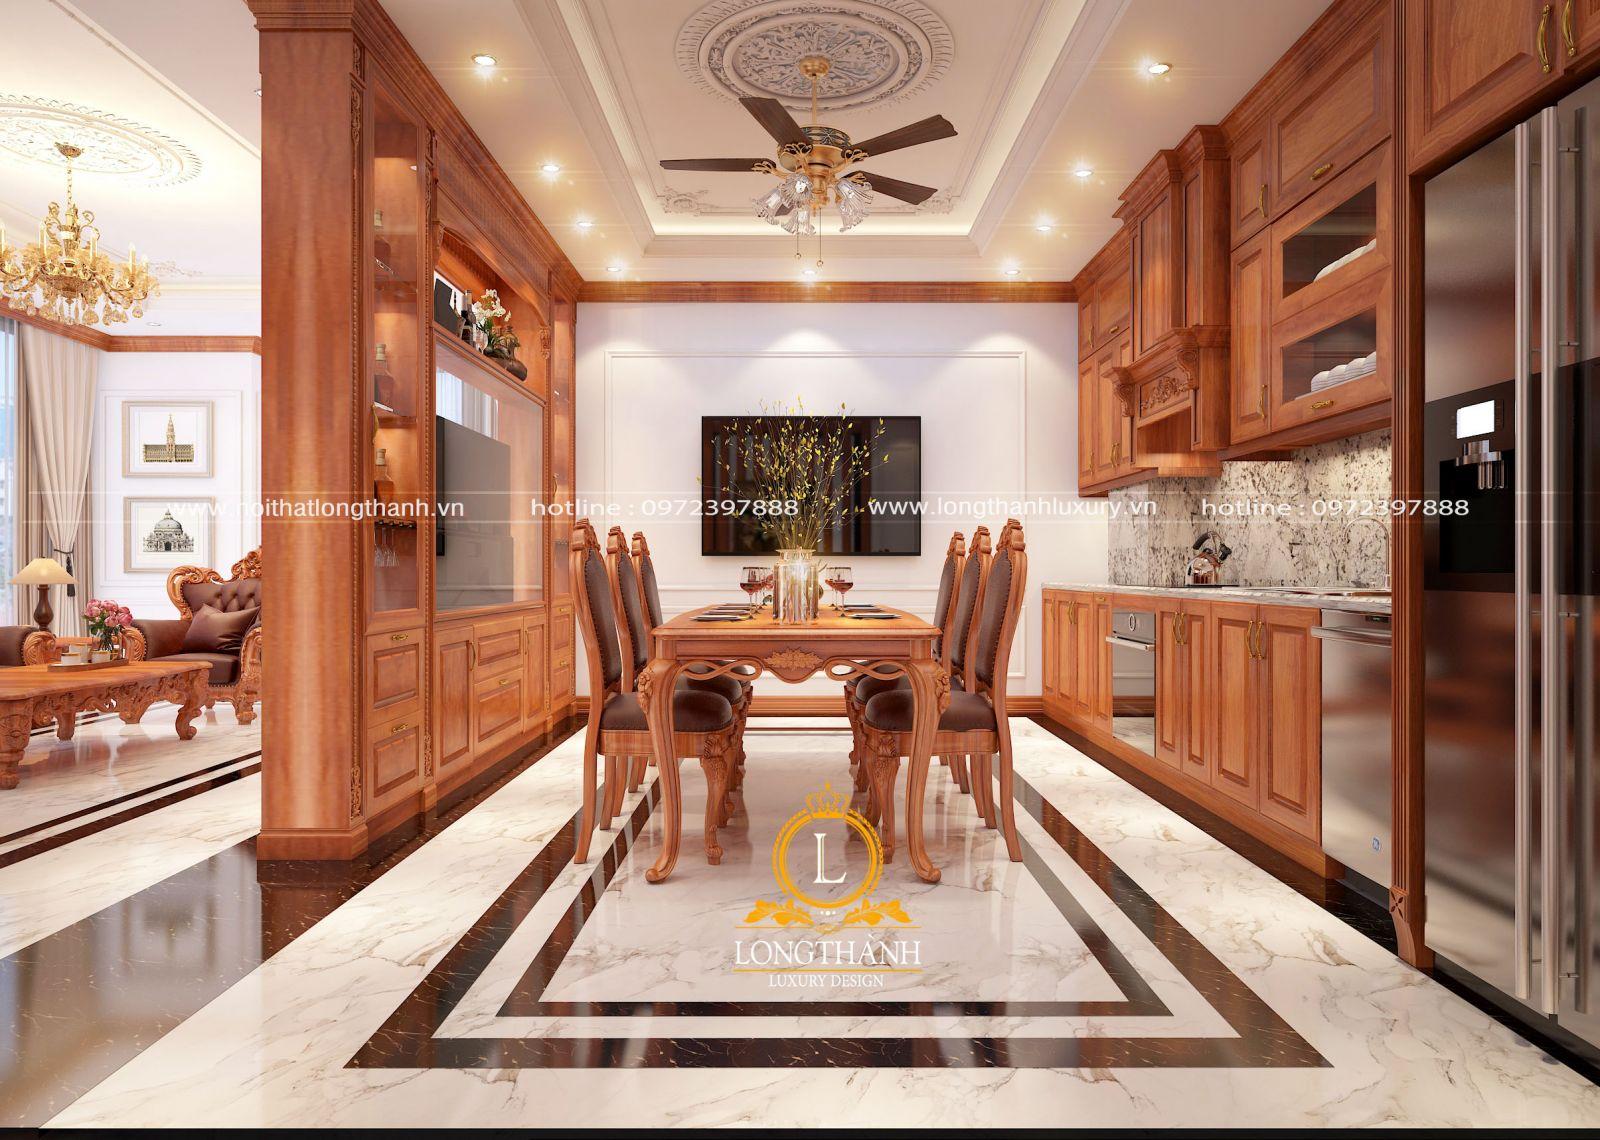 Đèn quạt pha lê cao cấp phù hợp không gian phòng ăn phong cách Tân cổ điển Nội thất Long Thành